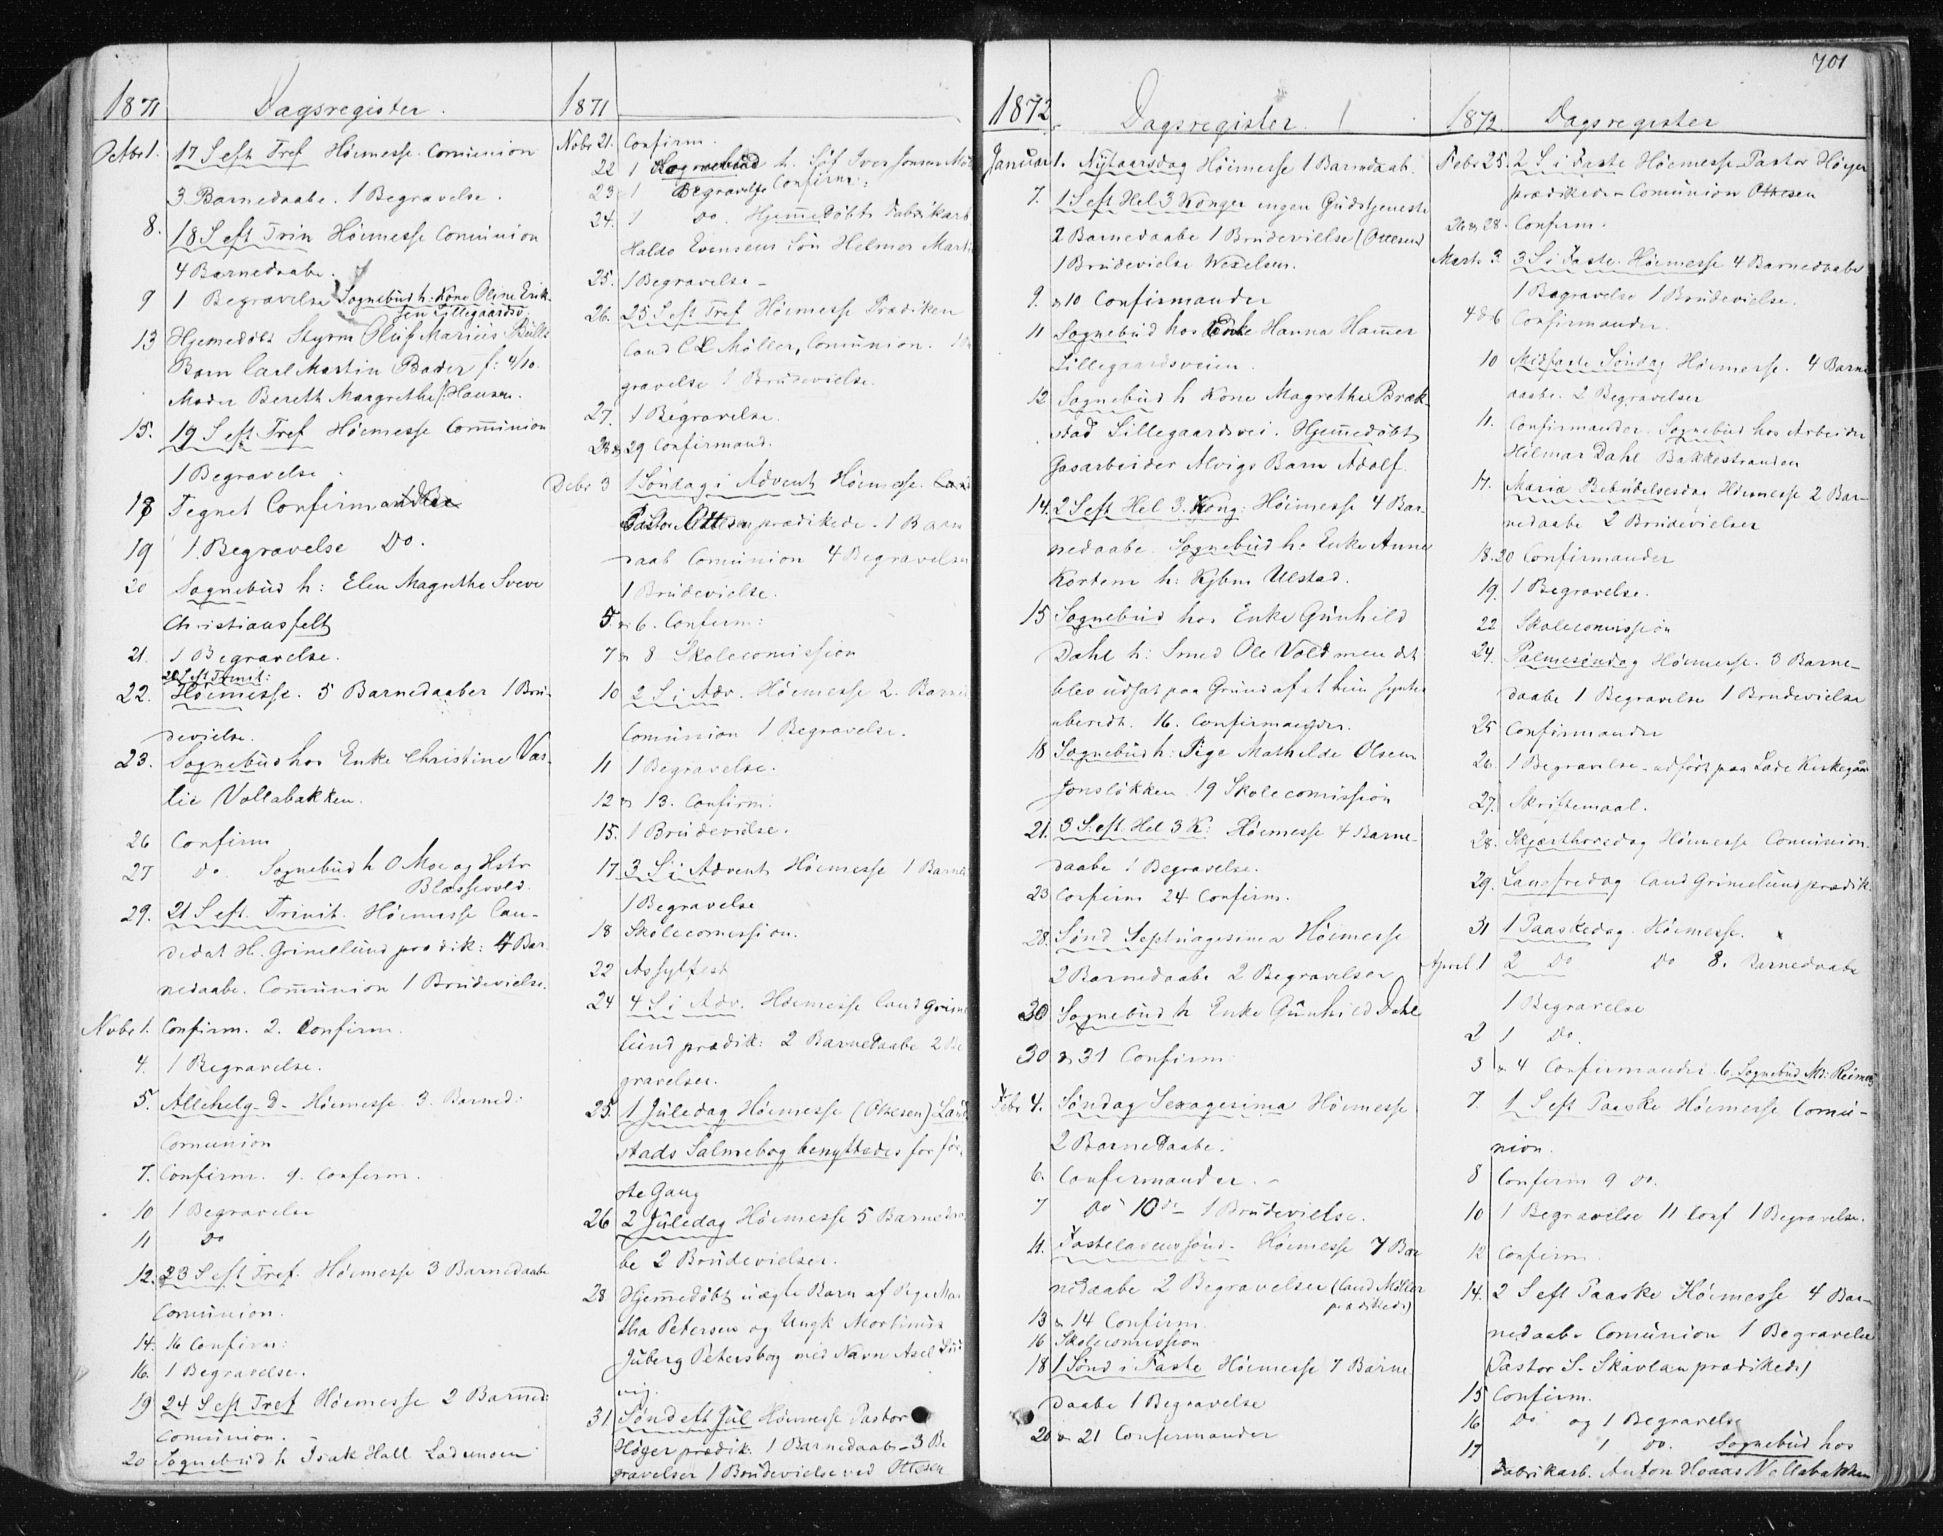 SAT, Ministerialprotokoller, klokkerbøker og fødselsregistre - Sør-Trøndelag, 604/L0186: Ministerialbok nr. 604A07, 1866-1877, s. 701